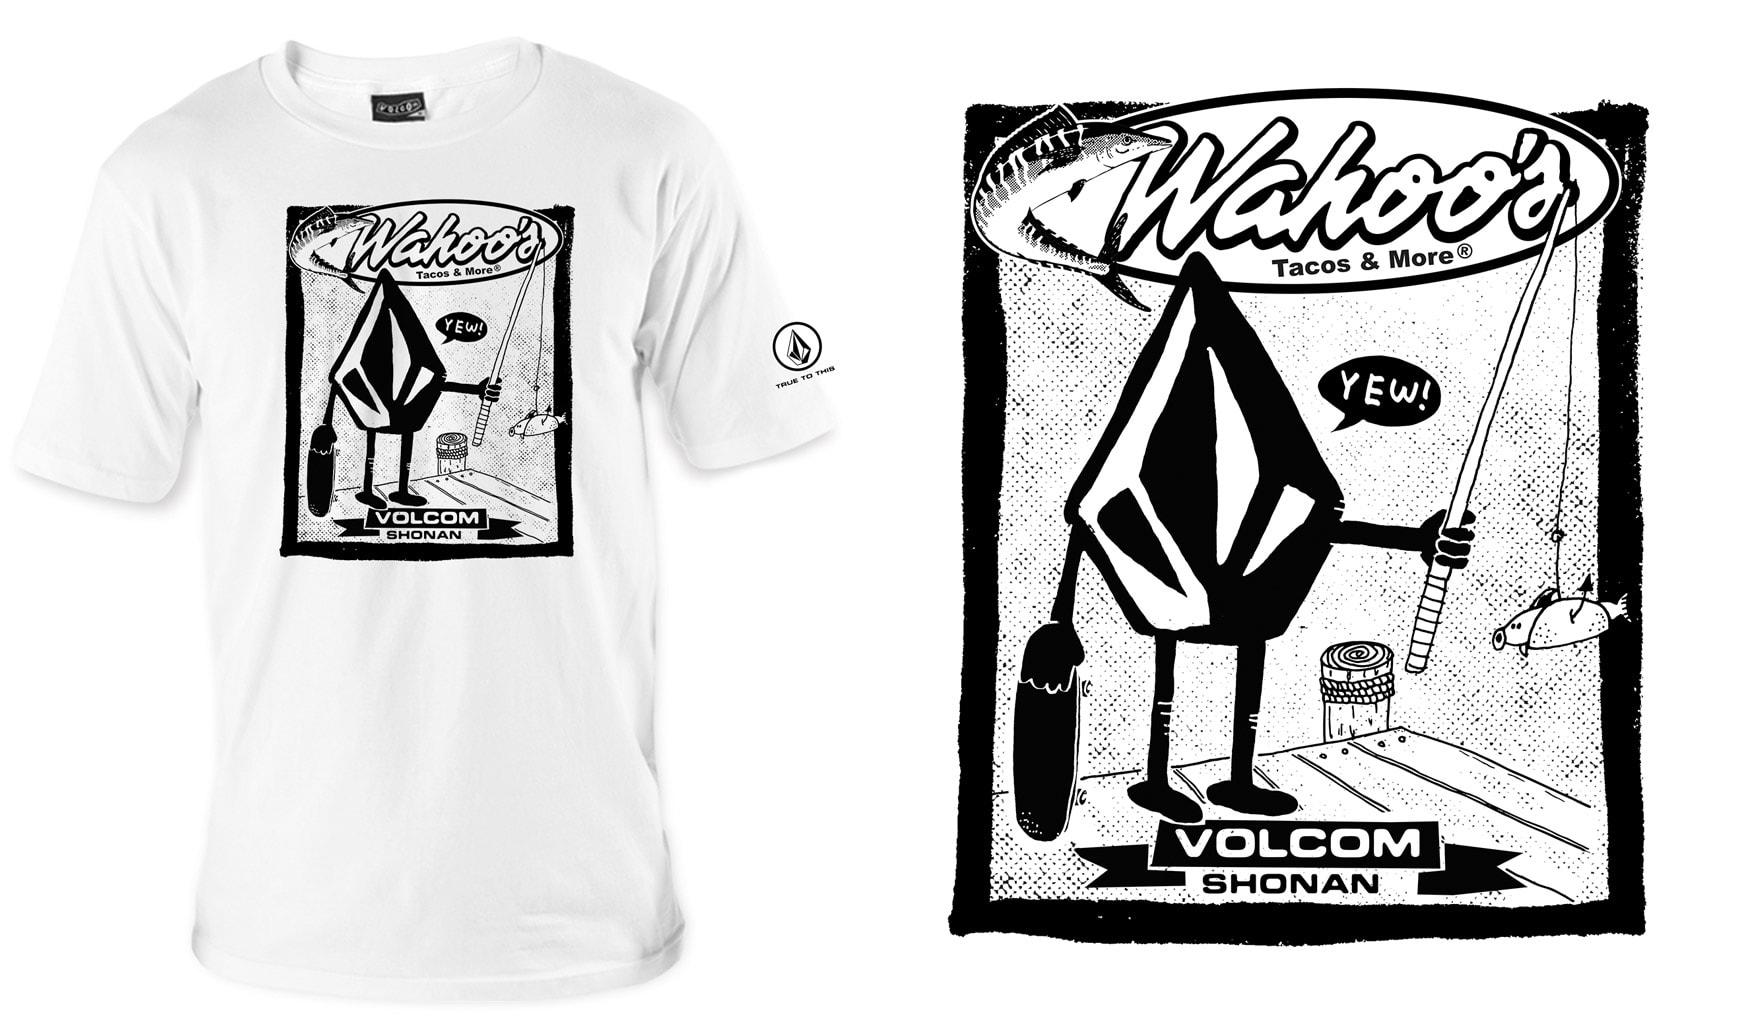 VOLCOM x Wahoo's TEE